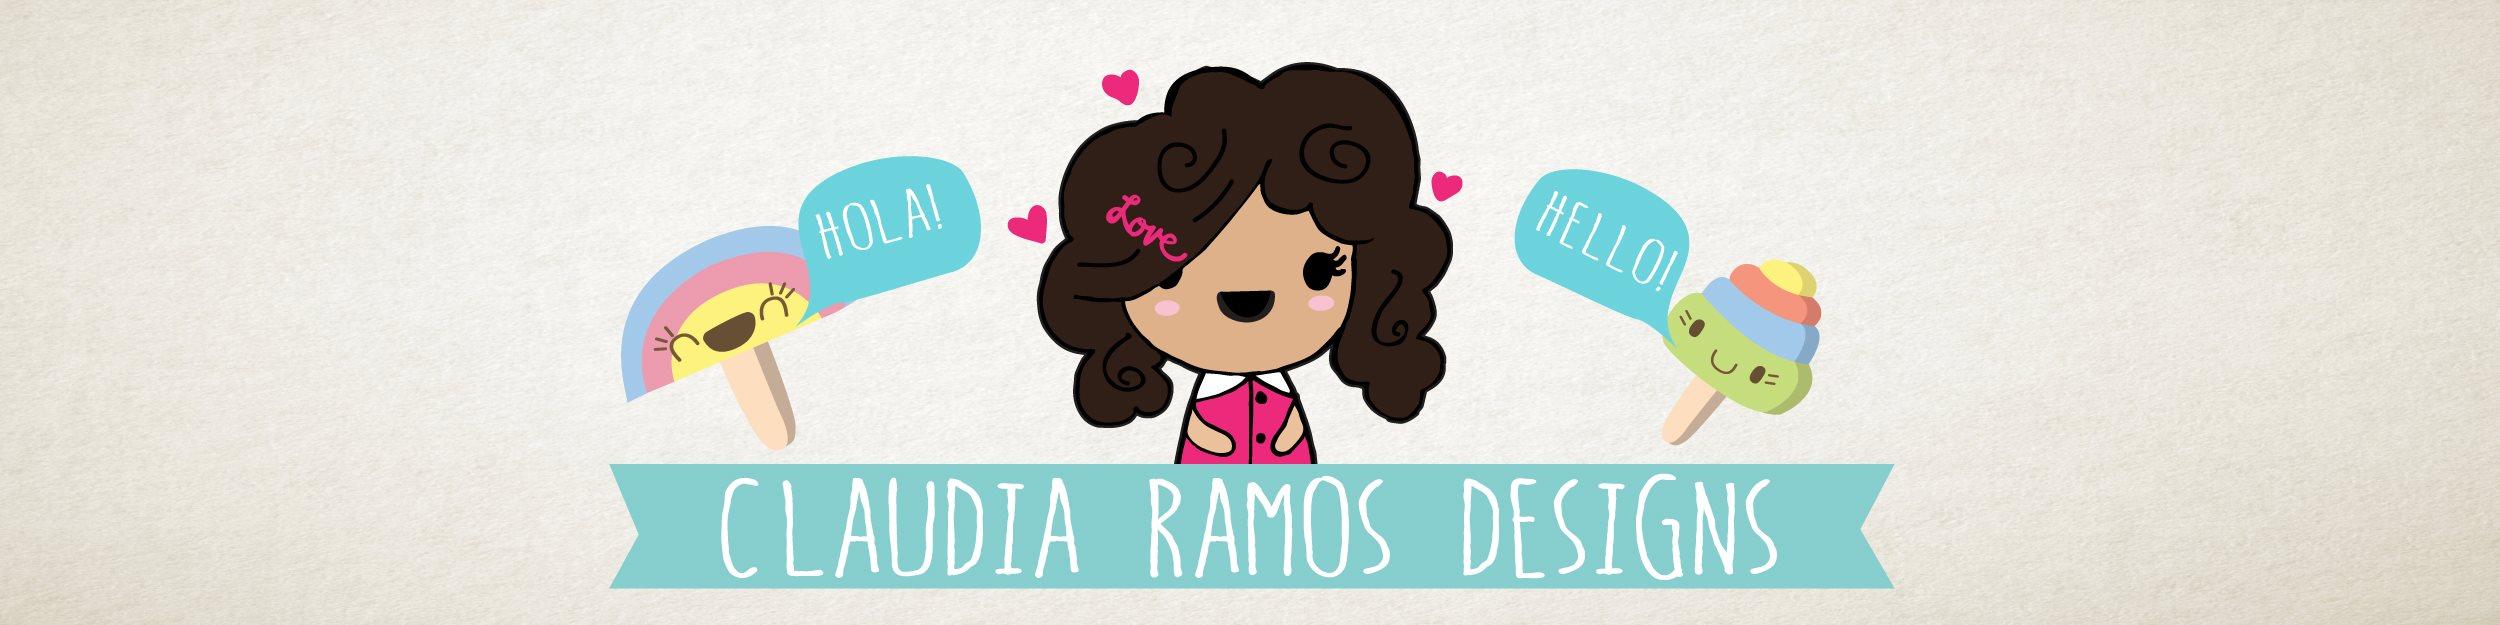 Claudia Ramos Designs (Small e commerce site)